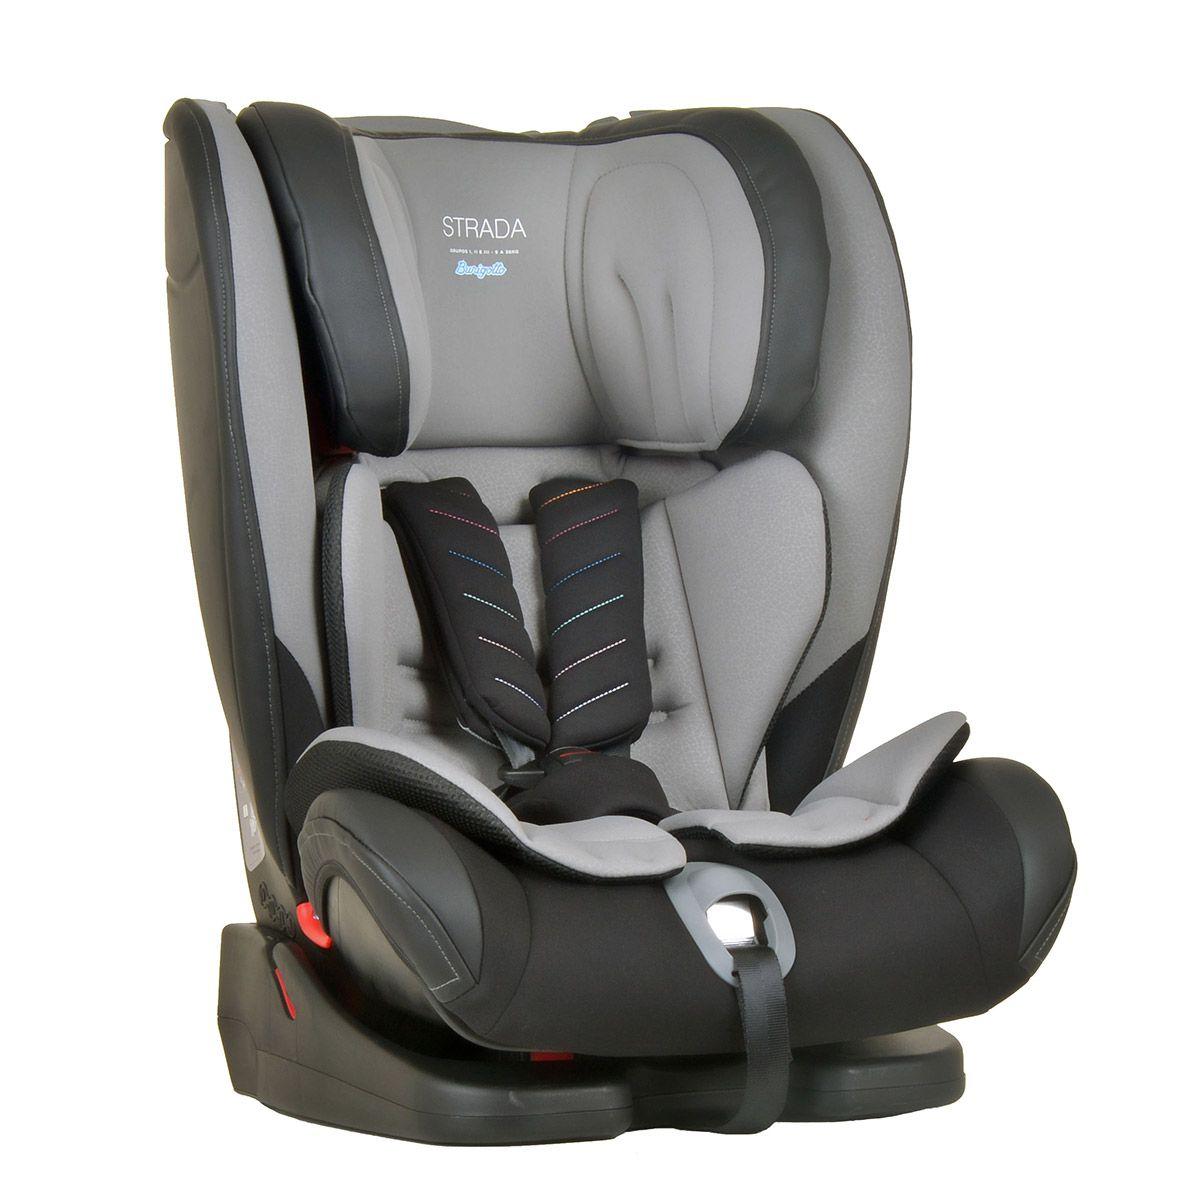 Cadeira Auto Bebê Strada 9-36kg Gray Black - Burigotto